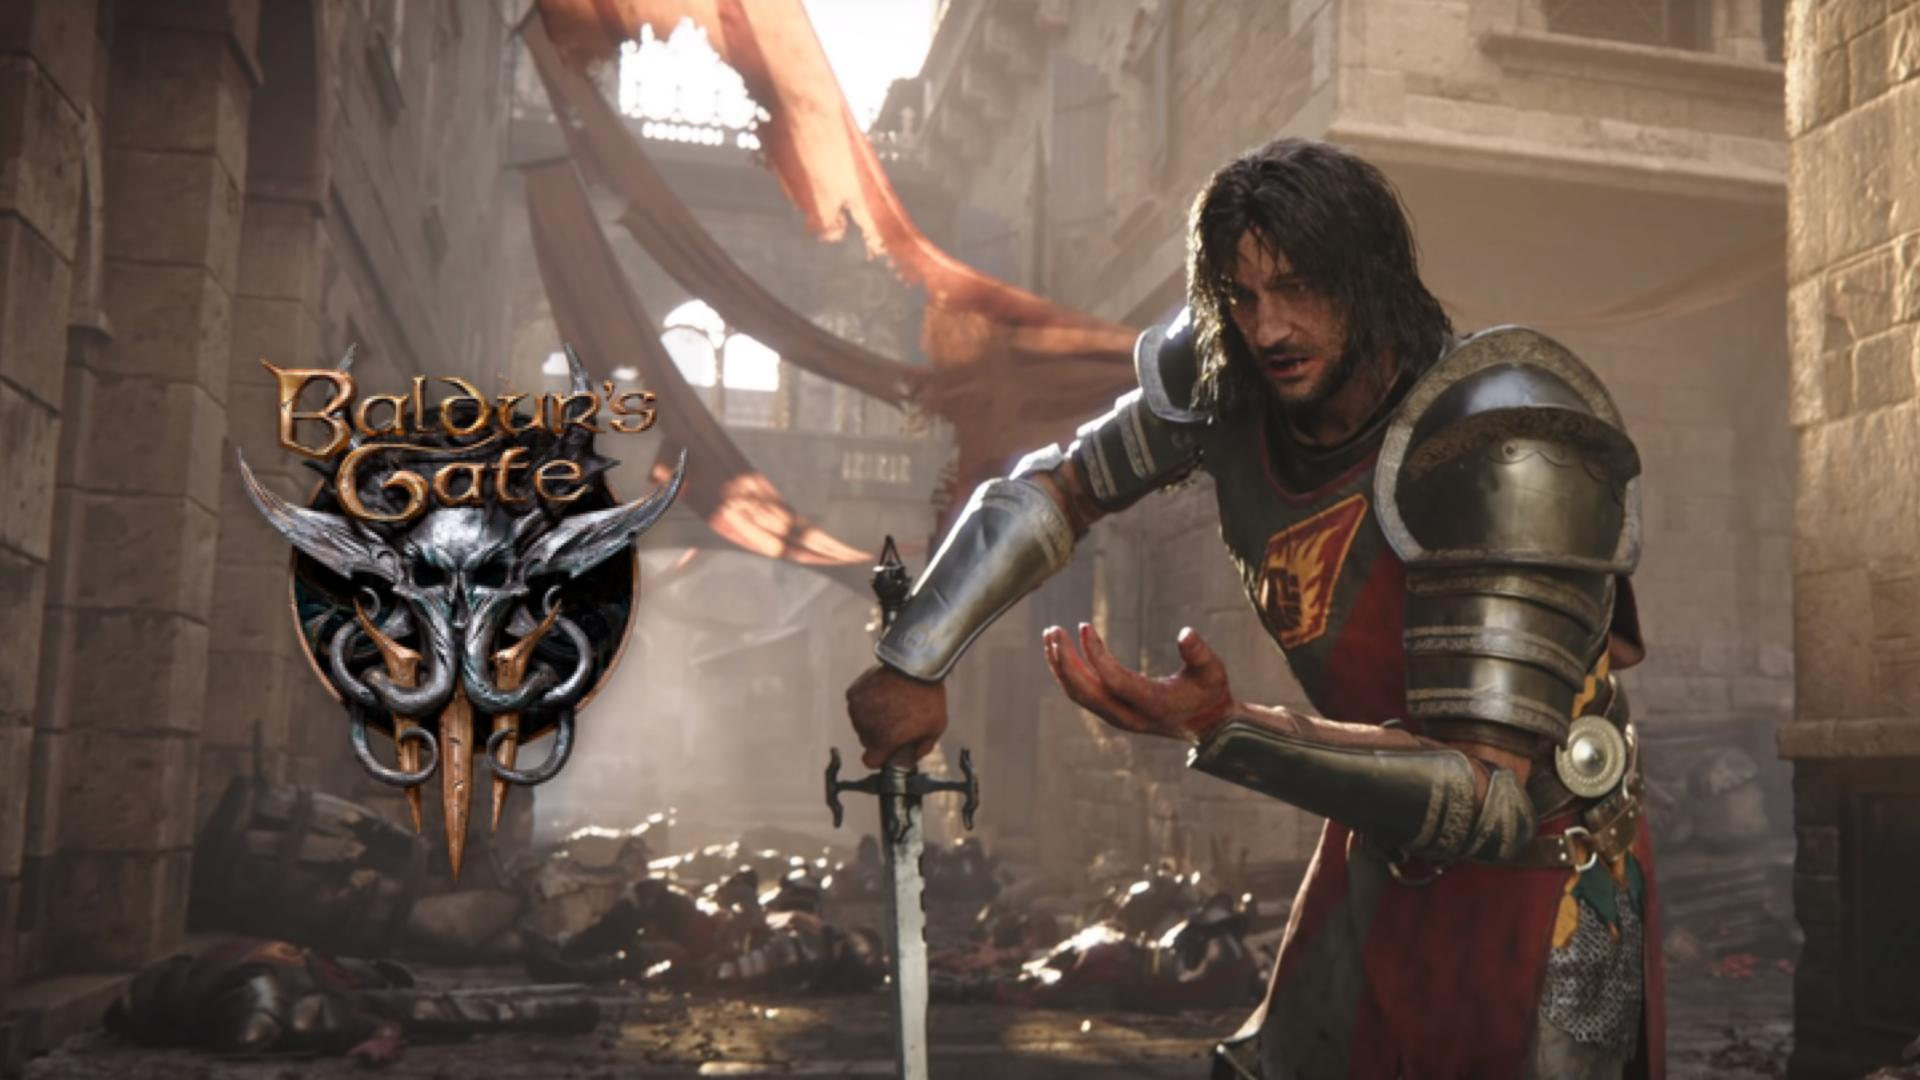 بودجه بازی Baldurs Gate 3